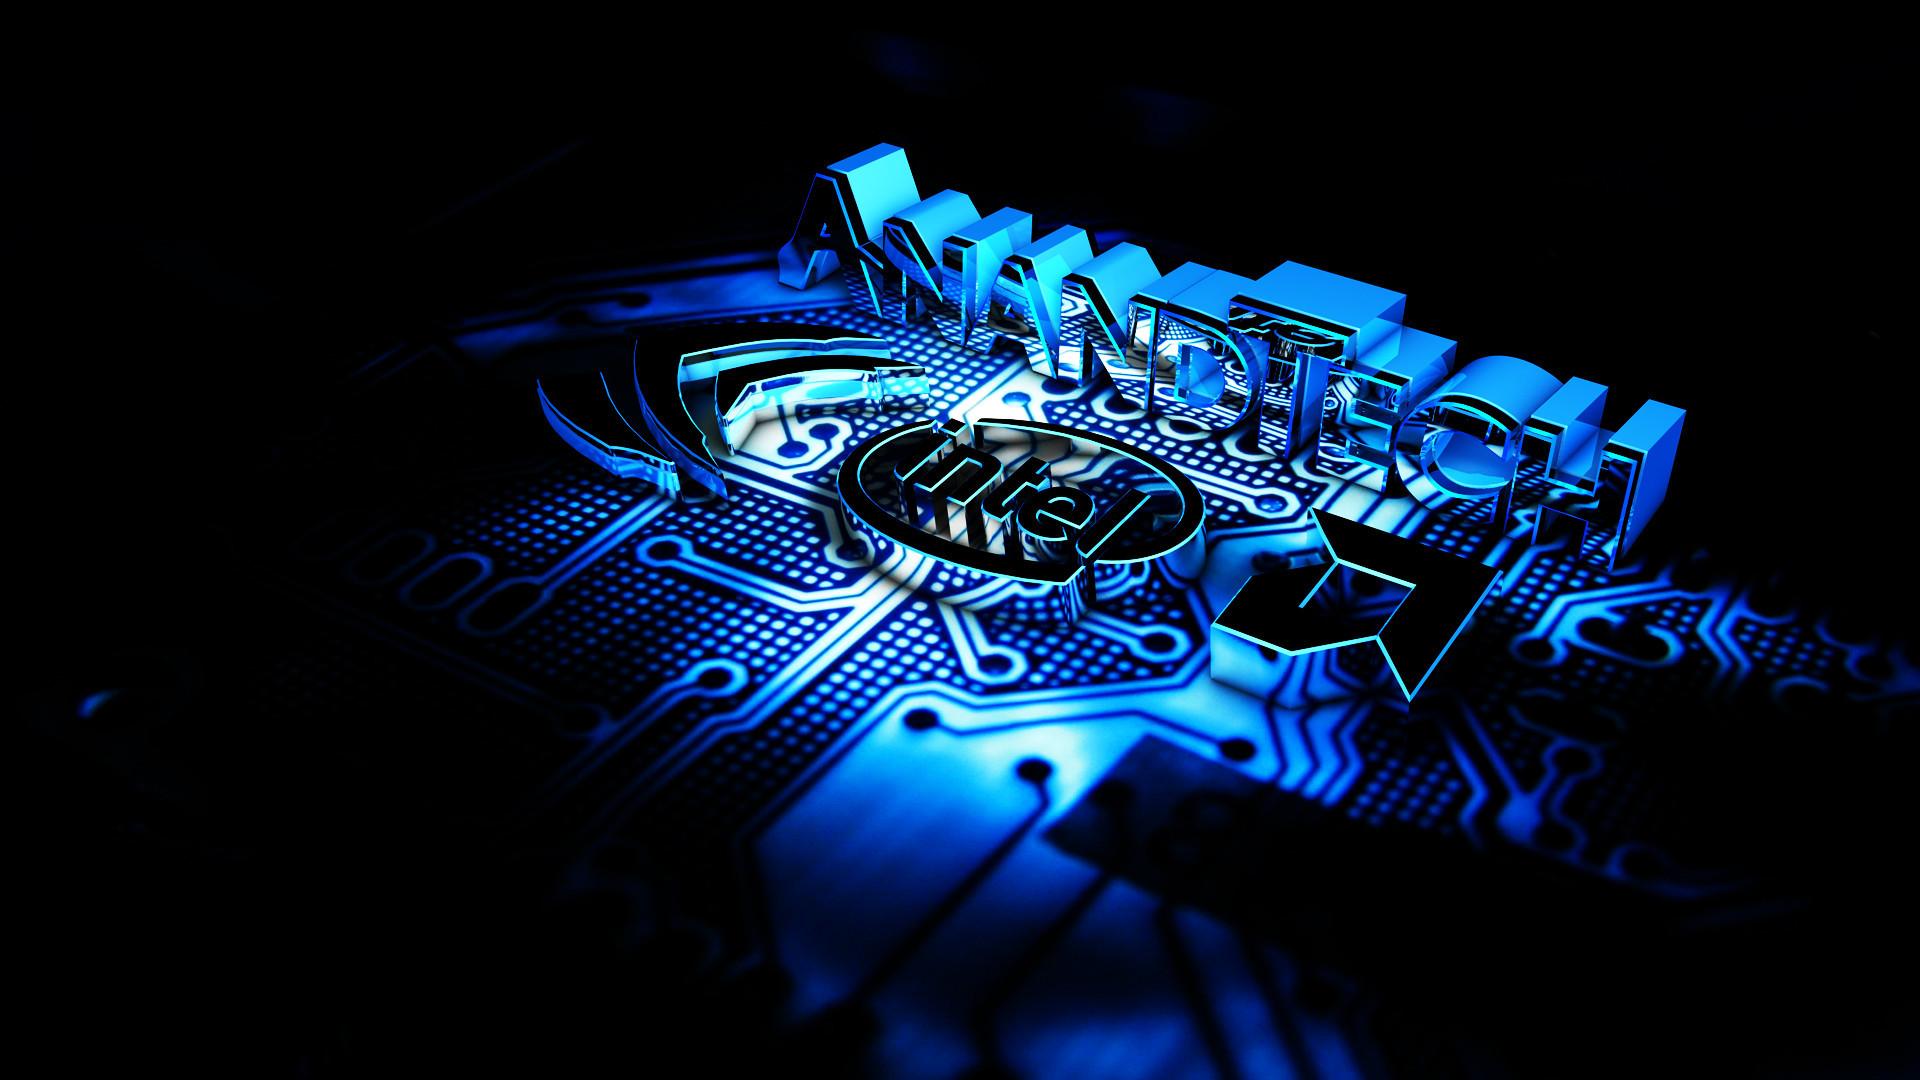 Res: 1920x1080, Intel HD Wallpapers #59424H2 Picserio.com